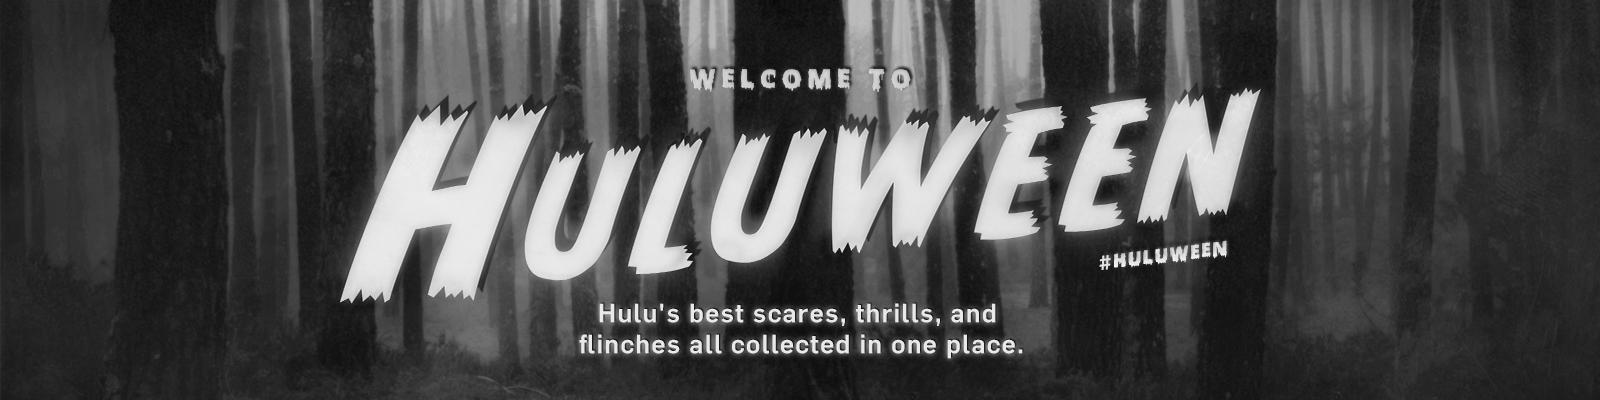 Photo courtesy of Hulu.